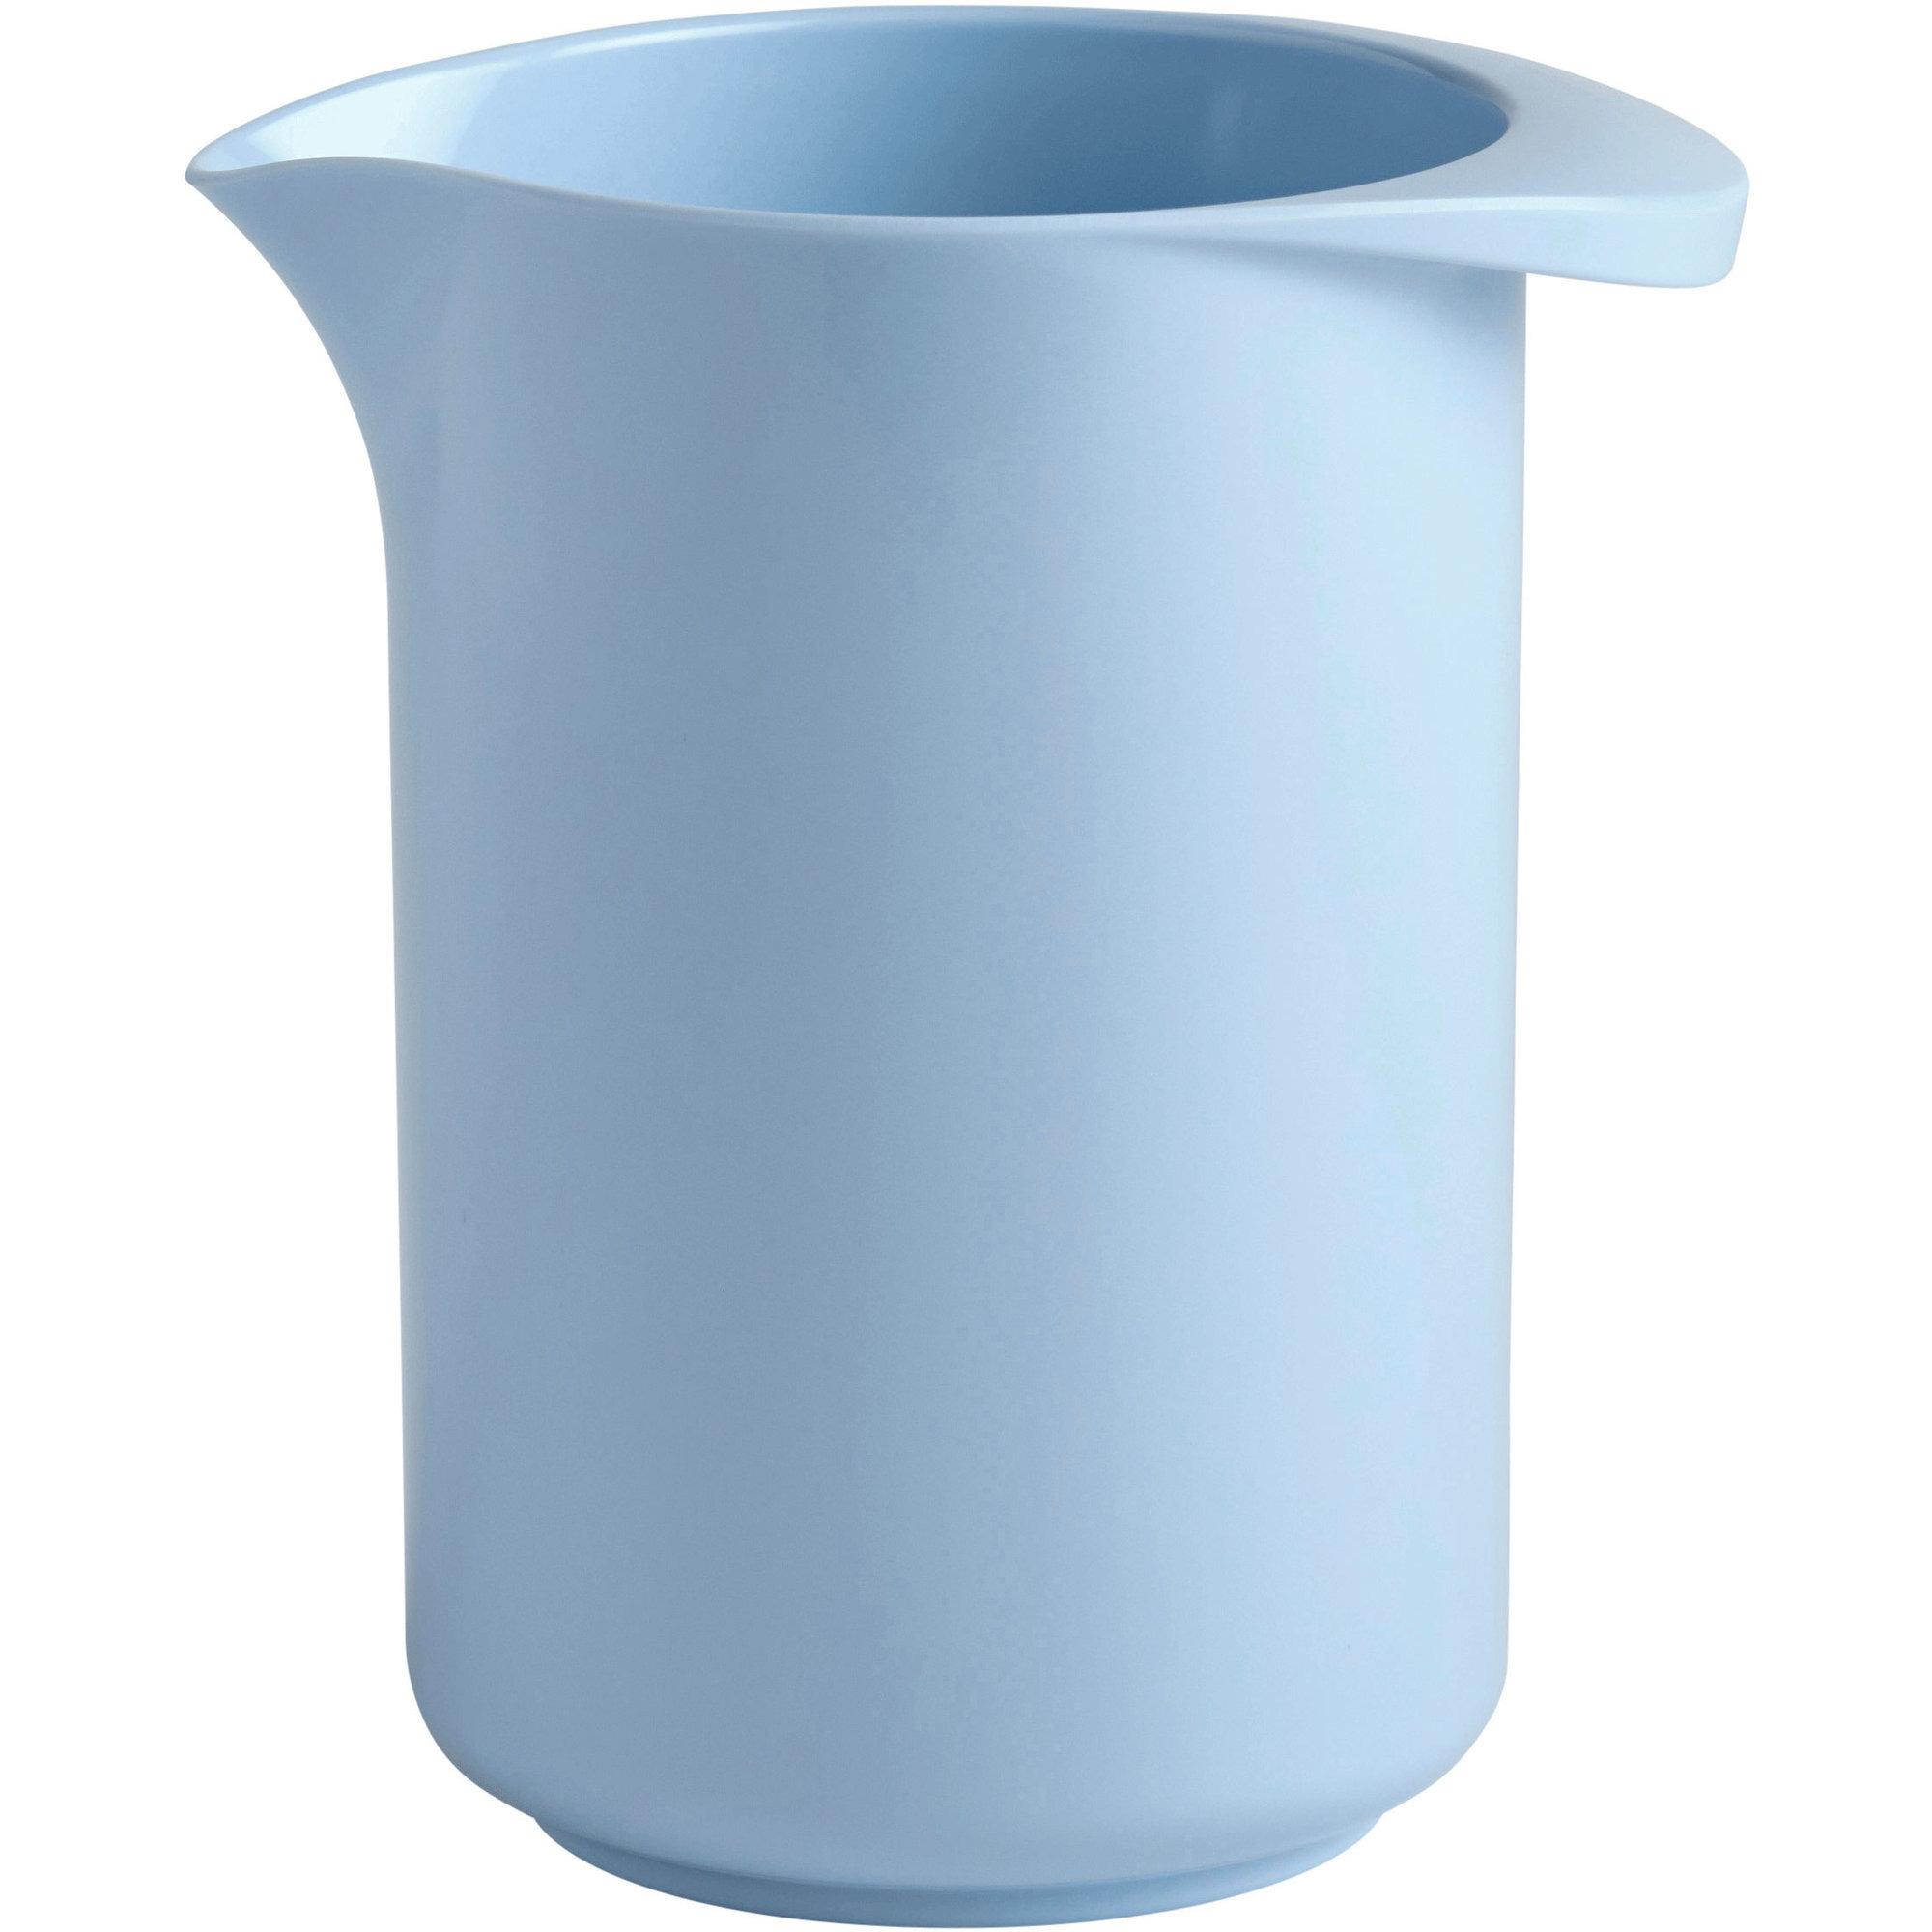 Rosti Mepal mixkanna 05 L (Nordic Blue)